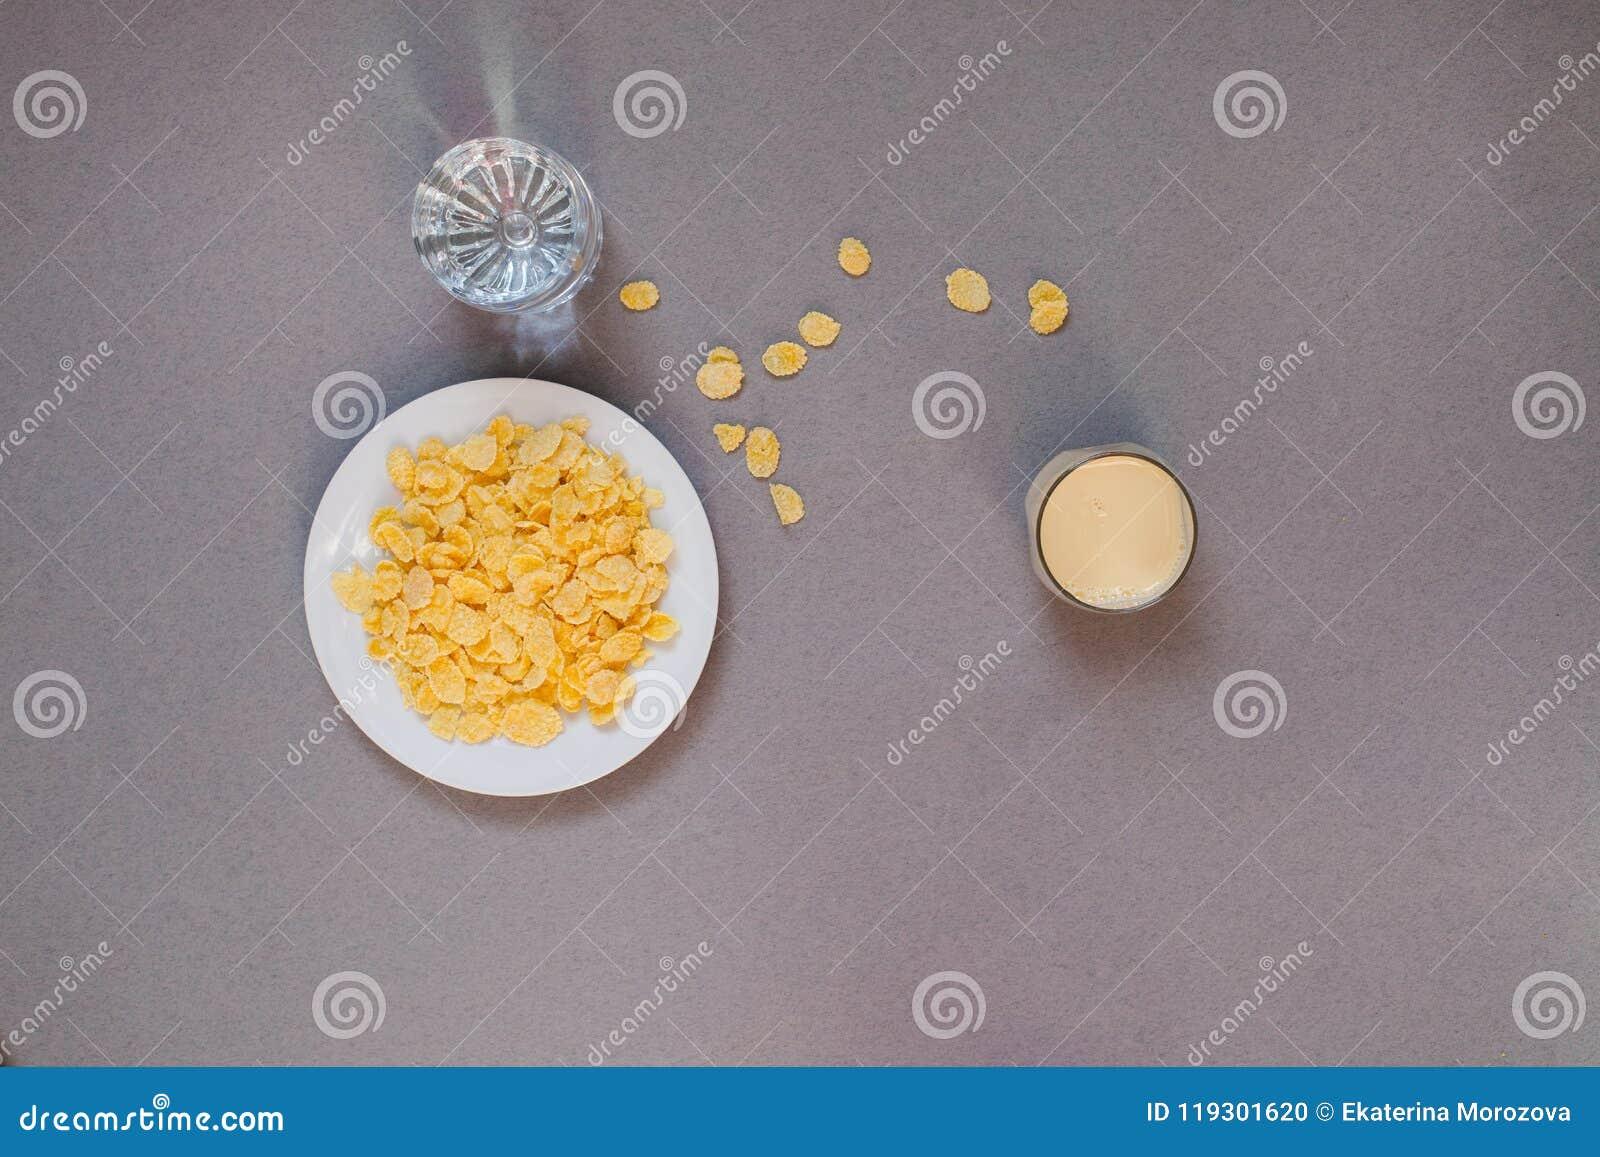 Corn-Flakes in einer weißen Schale und in einem Glas mit Wasser auf einem grauen Hintergrund, Ästhetik von Chaos